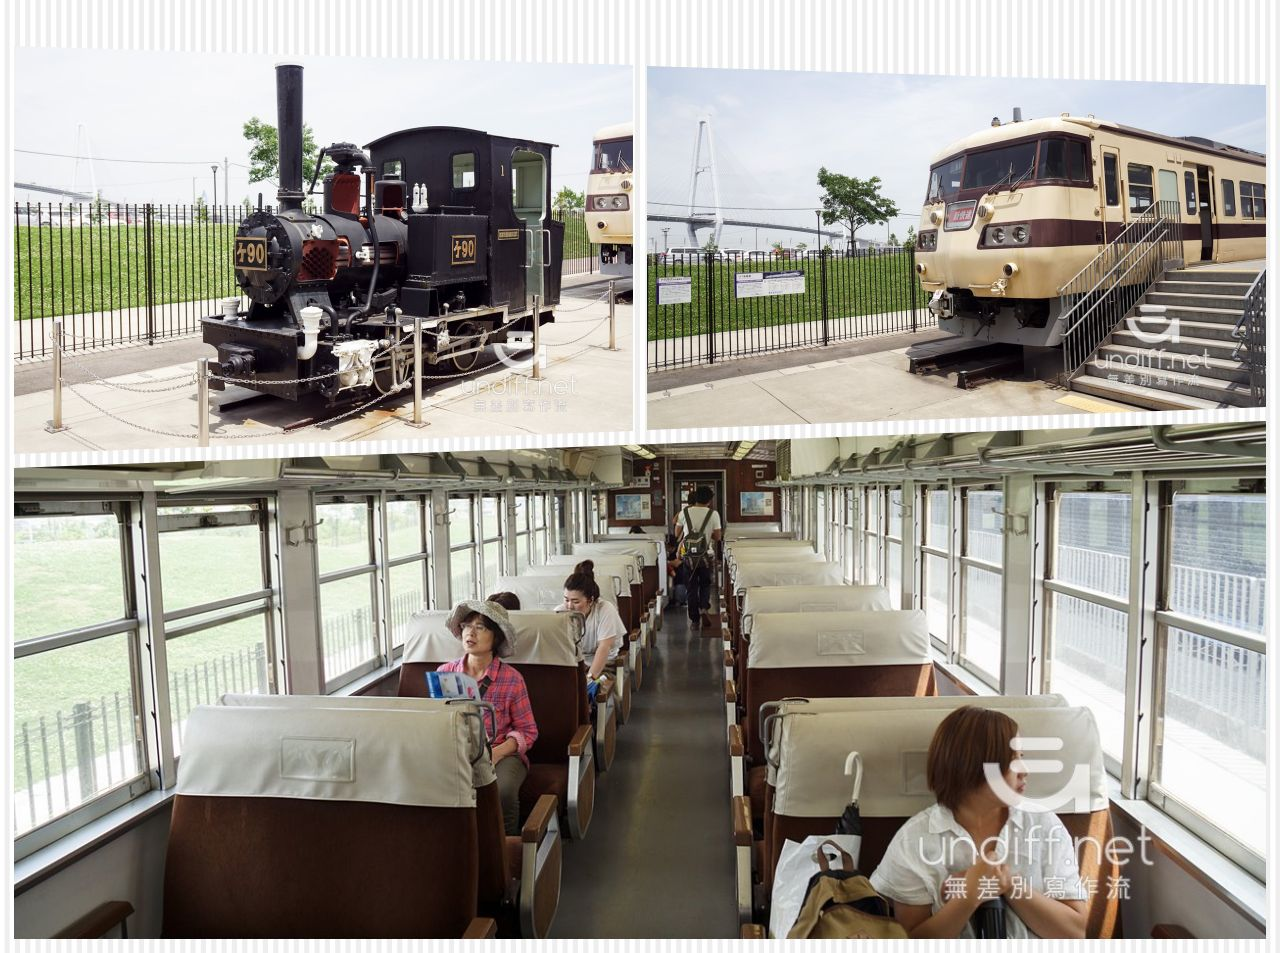 【名古屋景點】JR磁浮鐵道館 》體驗鐵道歷史與科技進步的軌跡 88